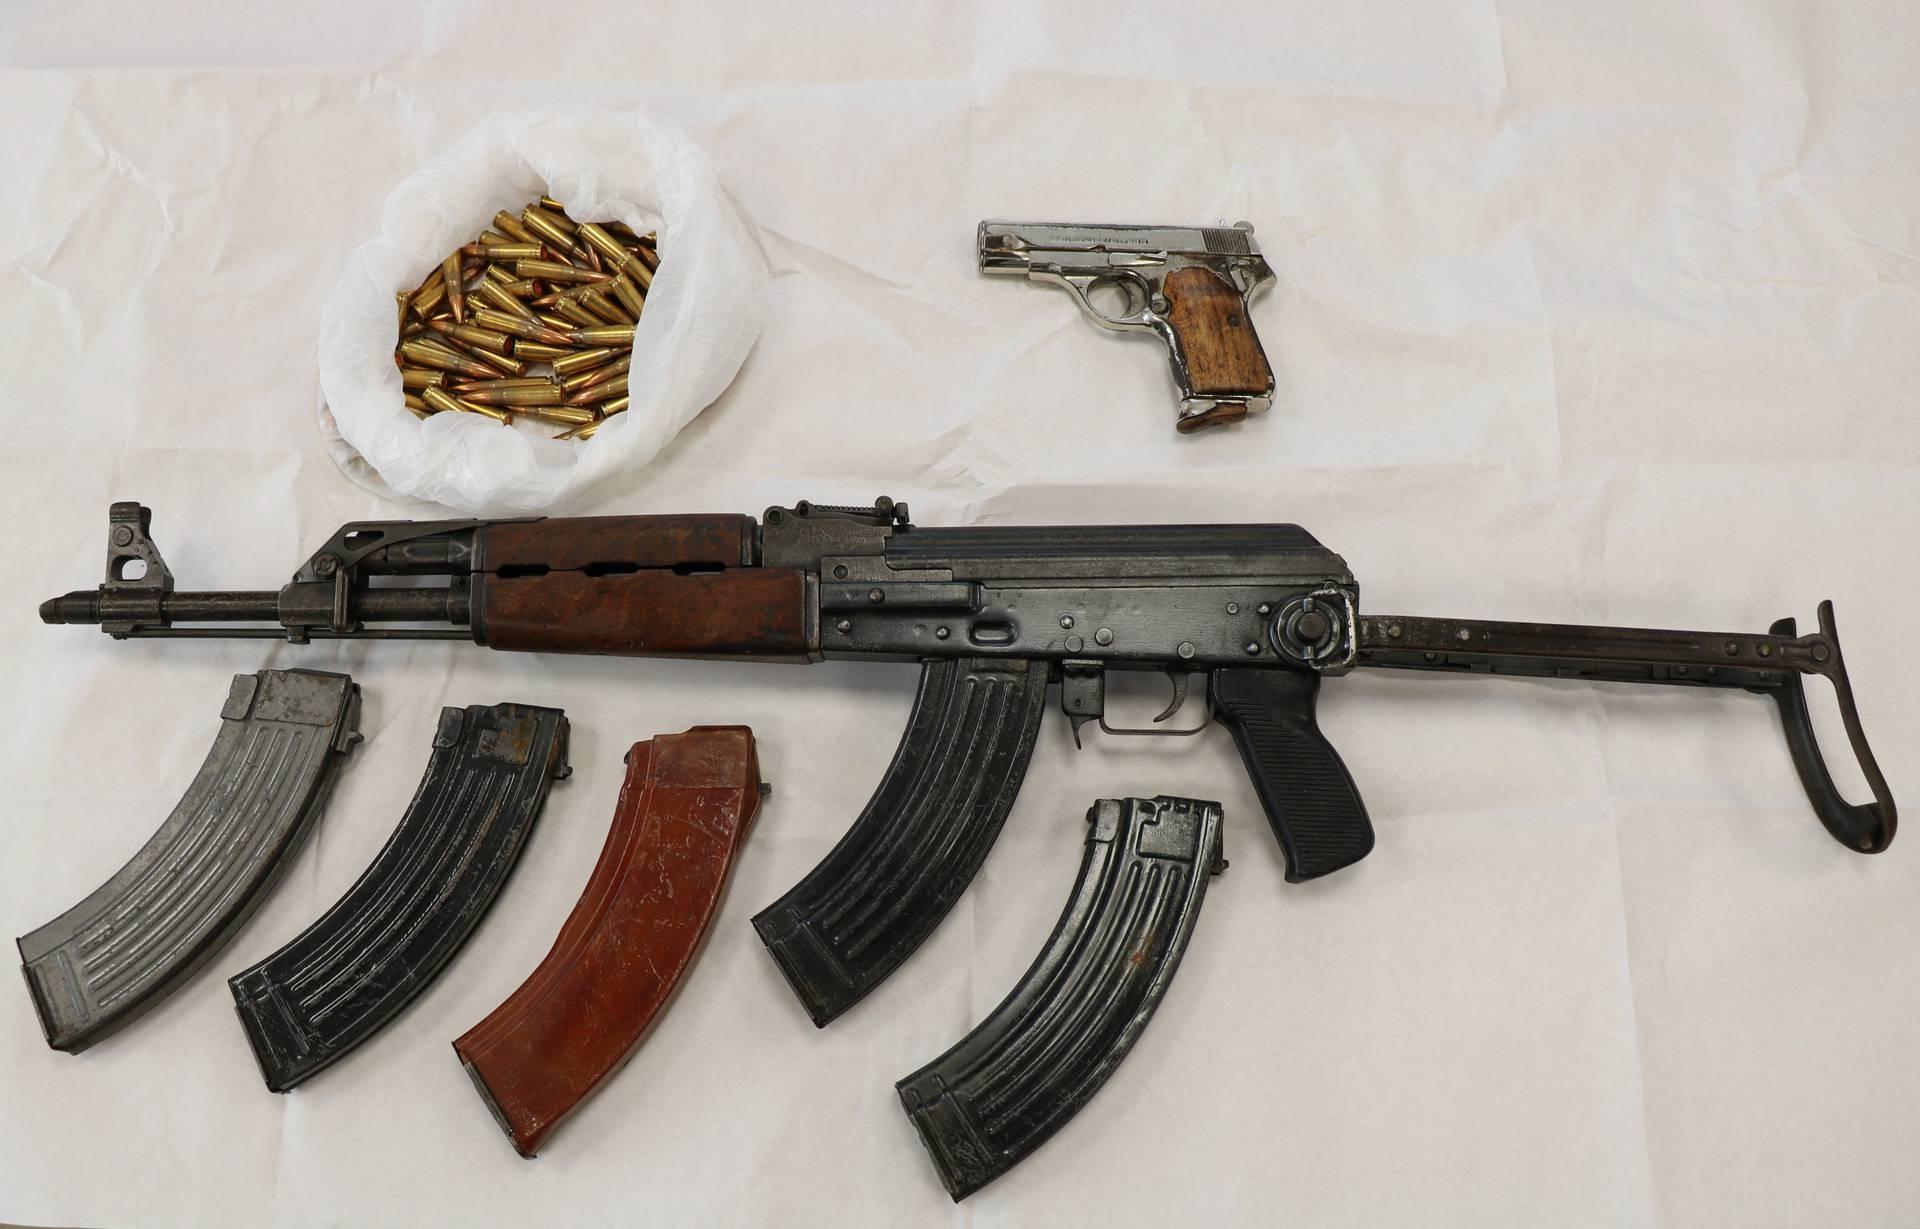 Lijepa naša naoružana: Hrvati su u 13 godina predali 5227 komada autmatskog oružja